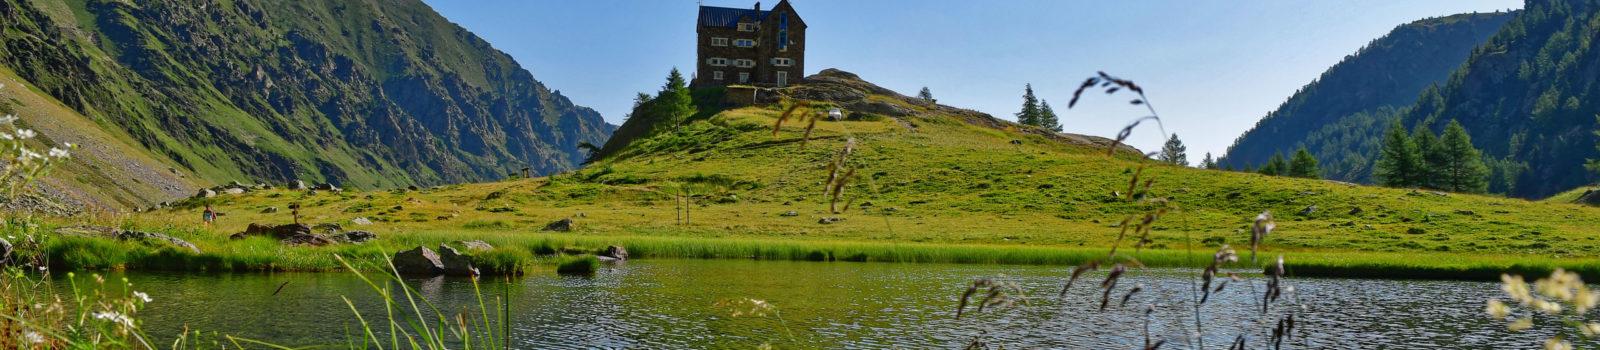 Bike-Hike-Tour Lago dell'Ischiator im Stura-Tal, Piemont